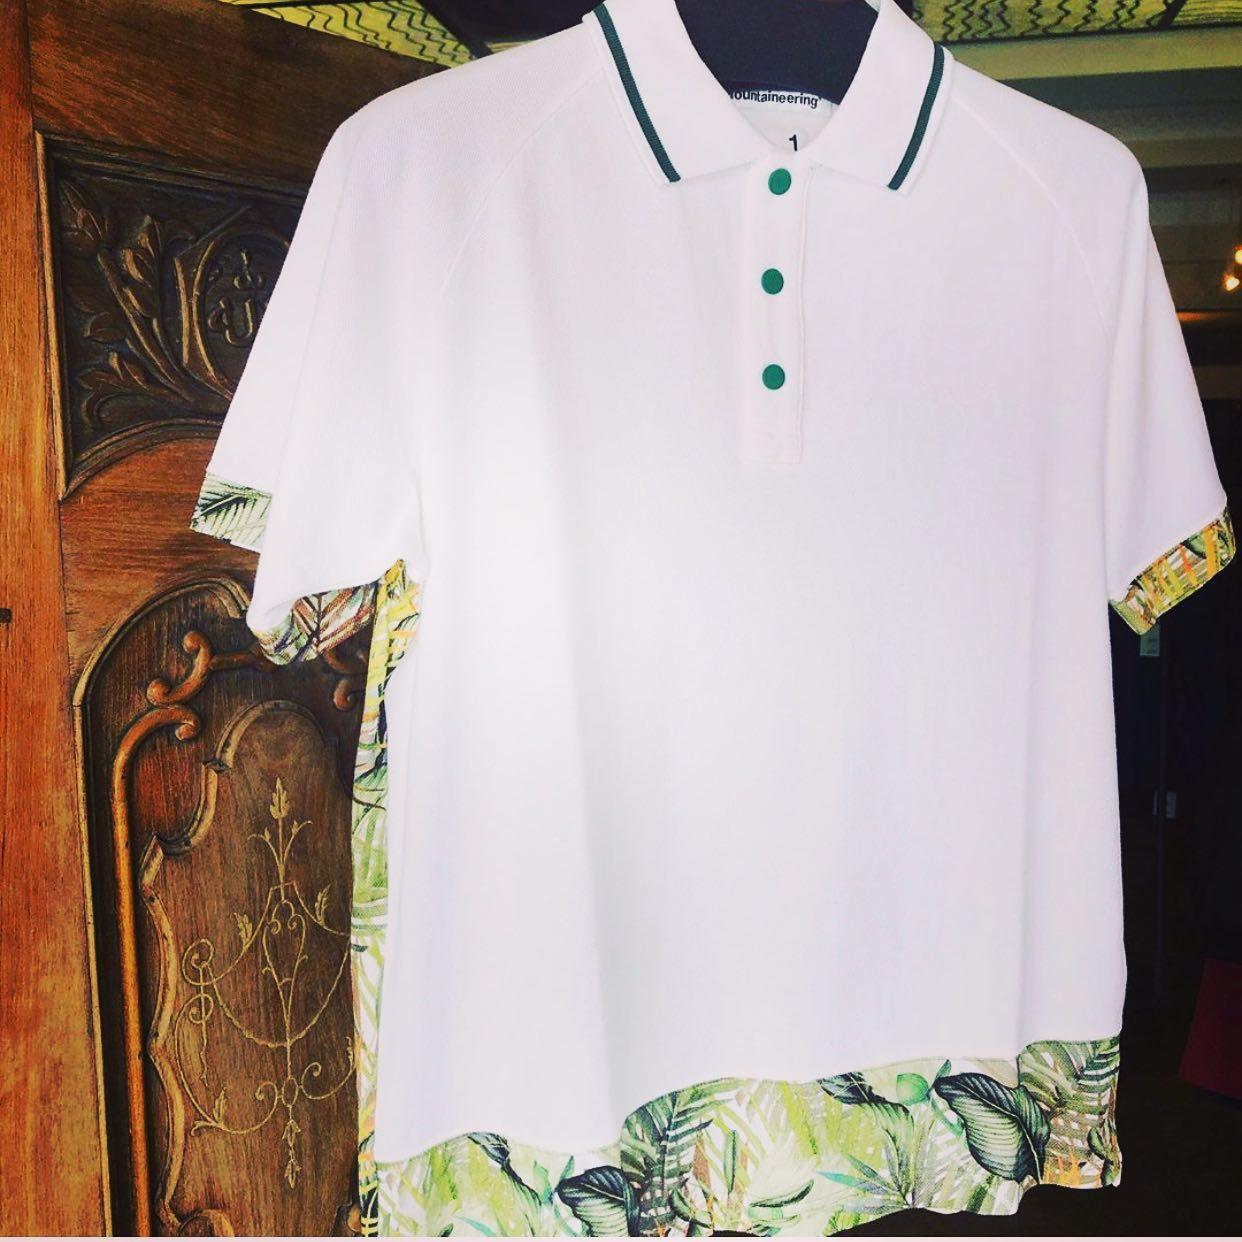 【商品紹介】White Mountaineering ホワイトマウンテニアリング BOTANICAL PRINTED RAGLAN POLO SHIRT ボタニカル ラグラン ポロシャツ ホワイト WM2071509ベース生地は鹿の子、袖、裾、後ろ身頃はボタニカル柄生地でしかもラグラン。ポロシャツを着る季節を見た目で伝えるアイテムになります。ALLEY OnlineShopプロフィール、商品タグからECサイトもご覧頂けます。お問い合わせはサイトからお気軽にご連絡下さい。#whitemountaineering #ホワイトマウンテニアリング